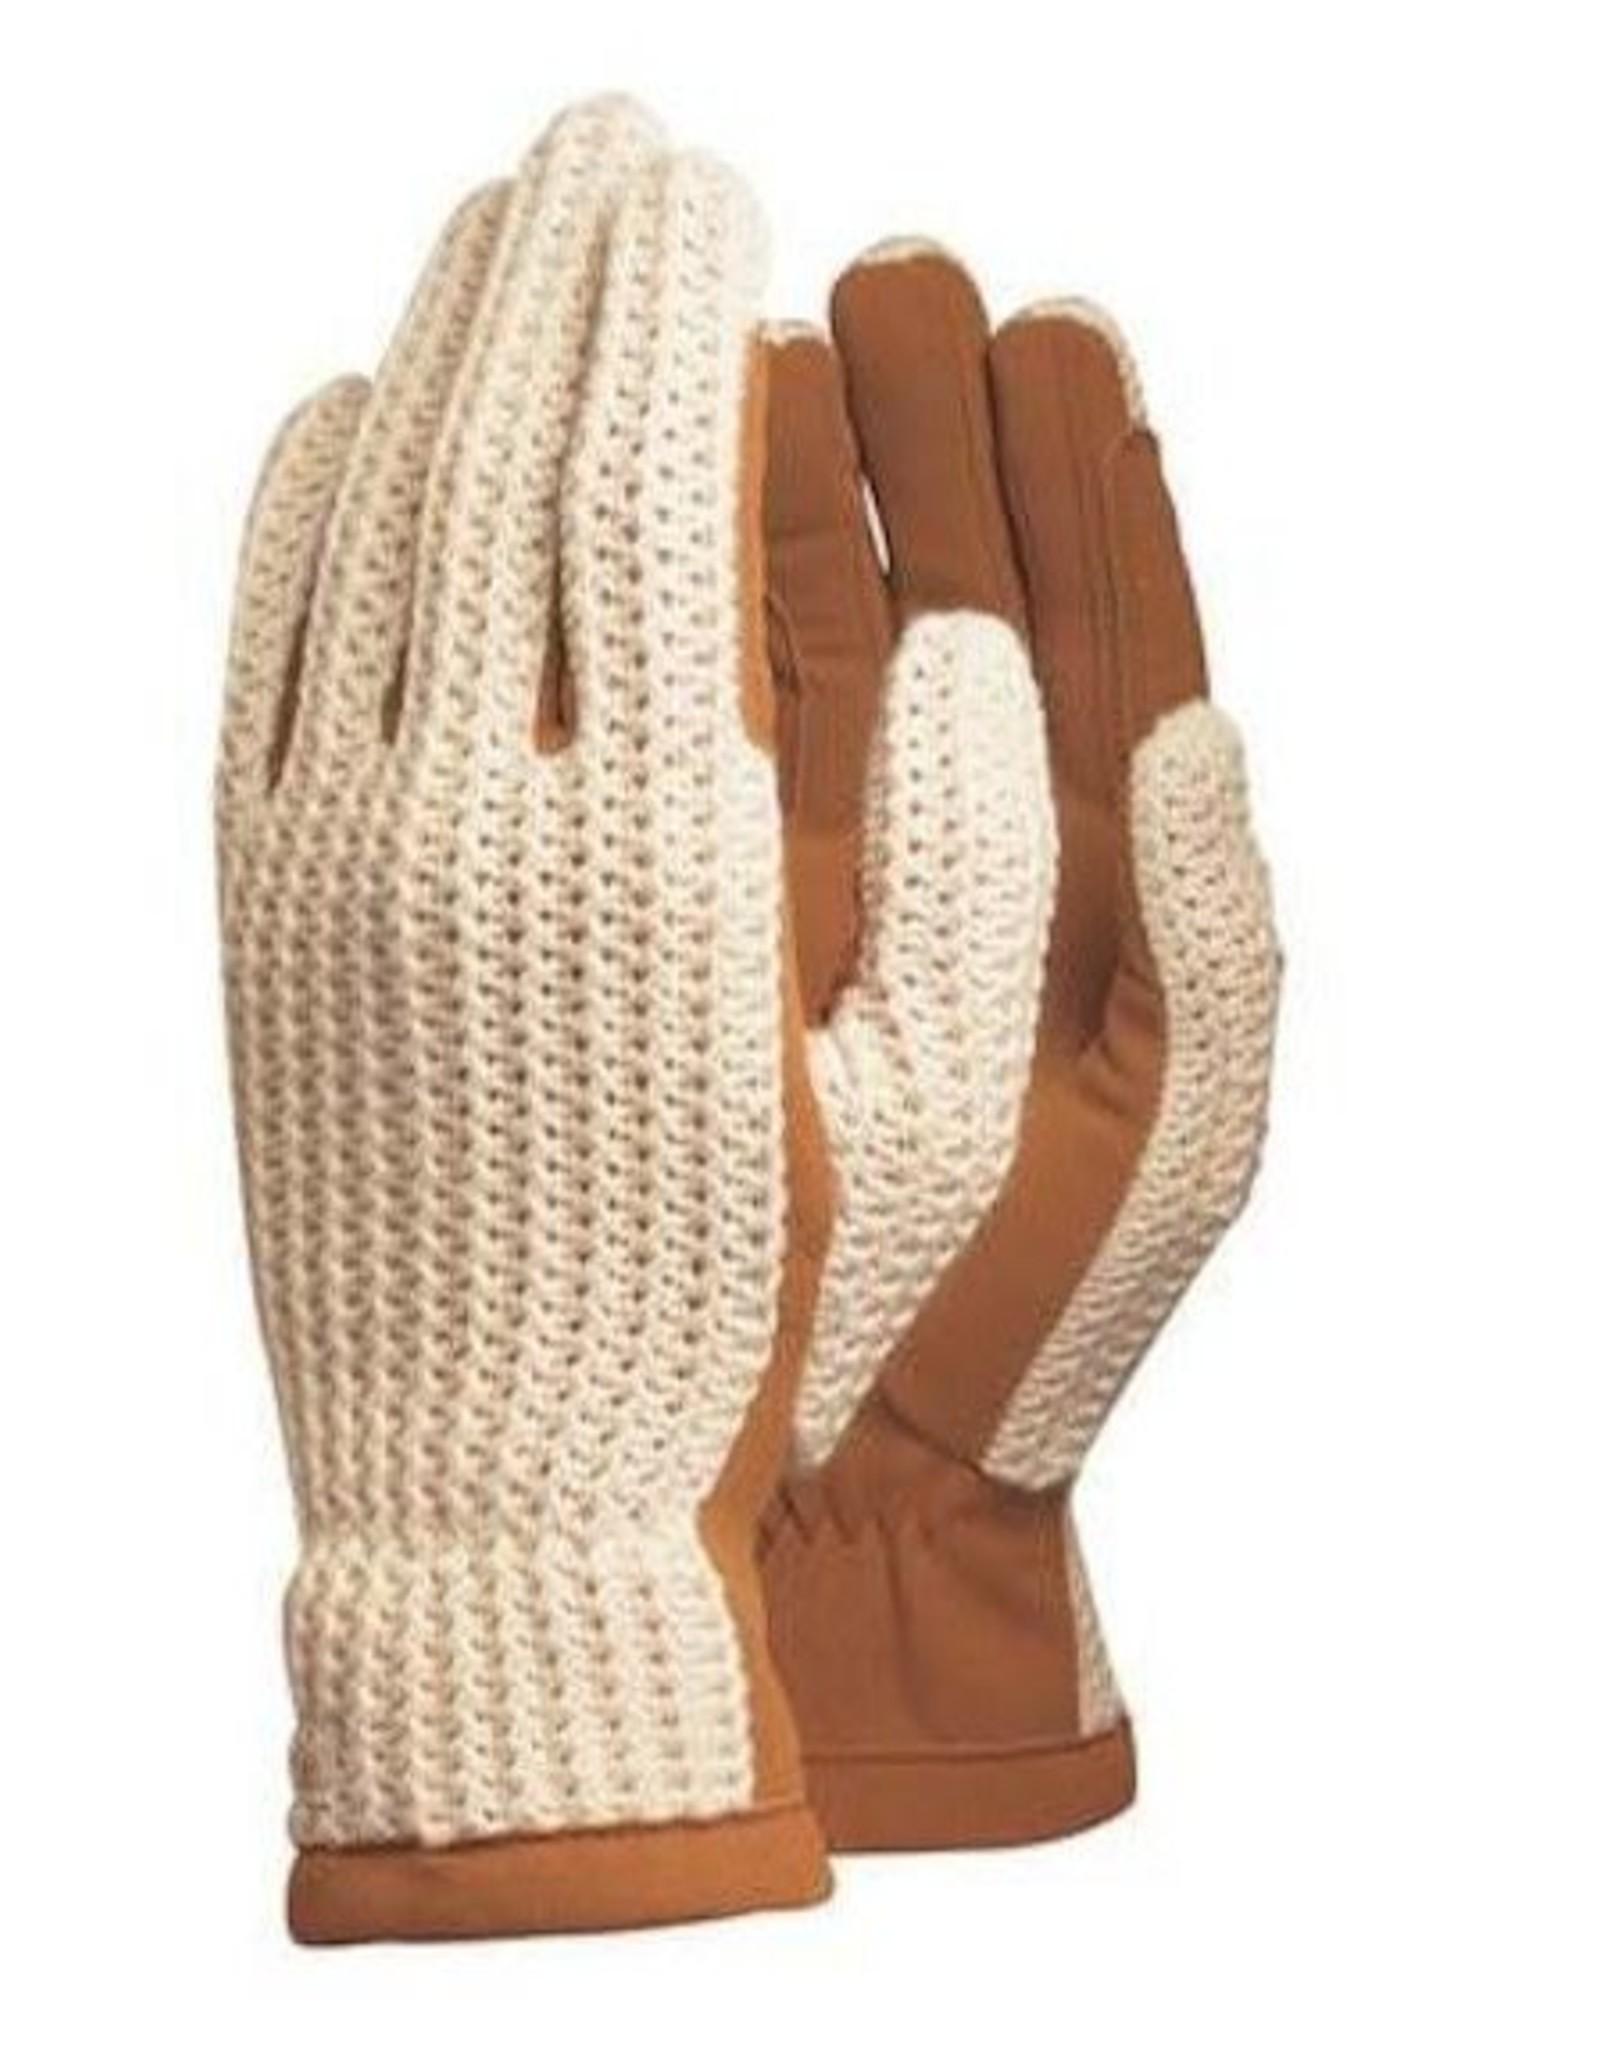 Ariat Ariat Glove Natural Grip - Size 8